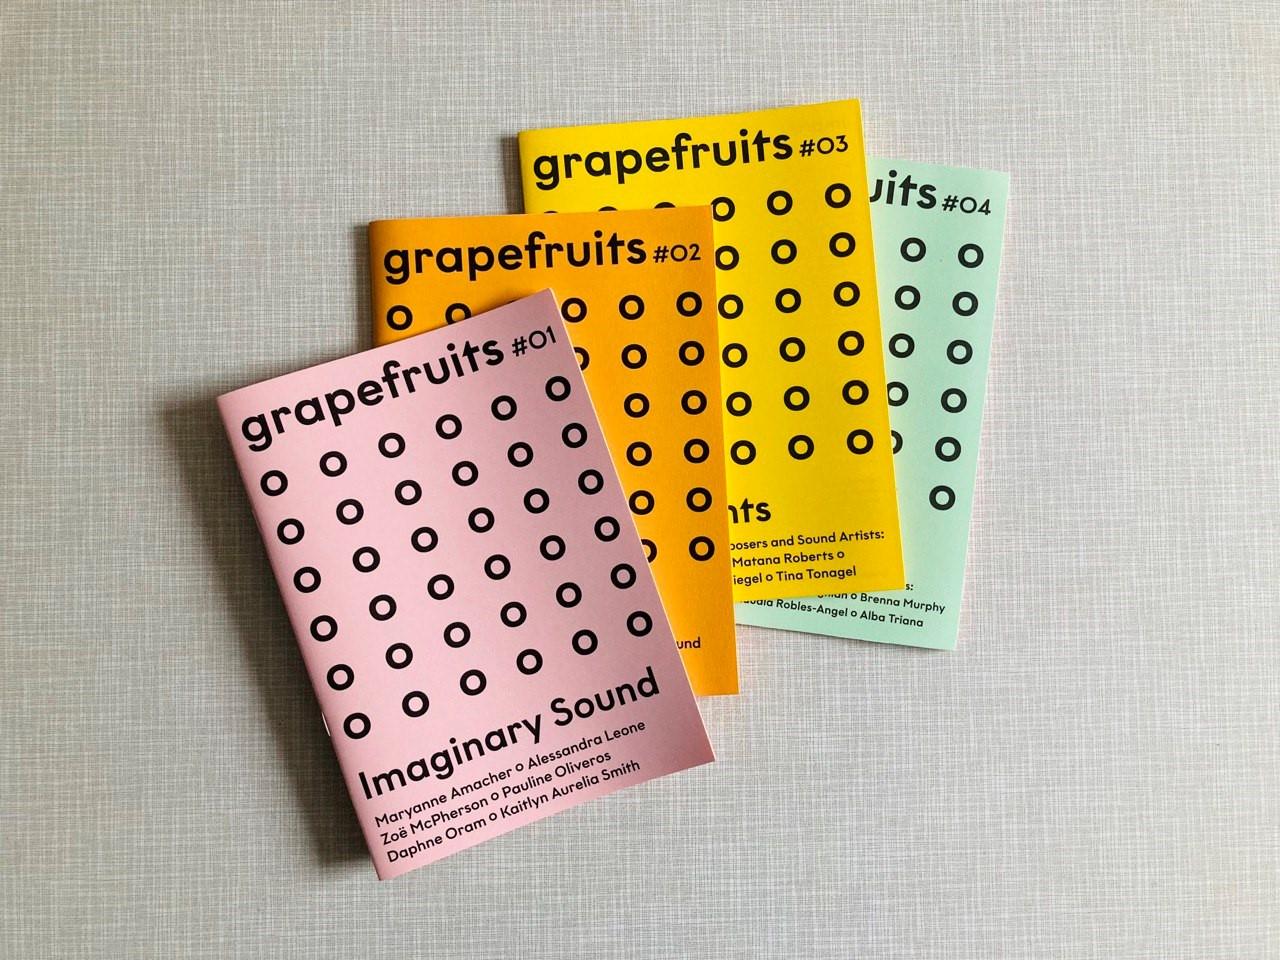 Bilder von den grapefruit fanzines Ausgabe 1-4.